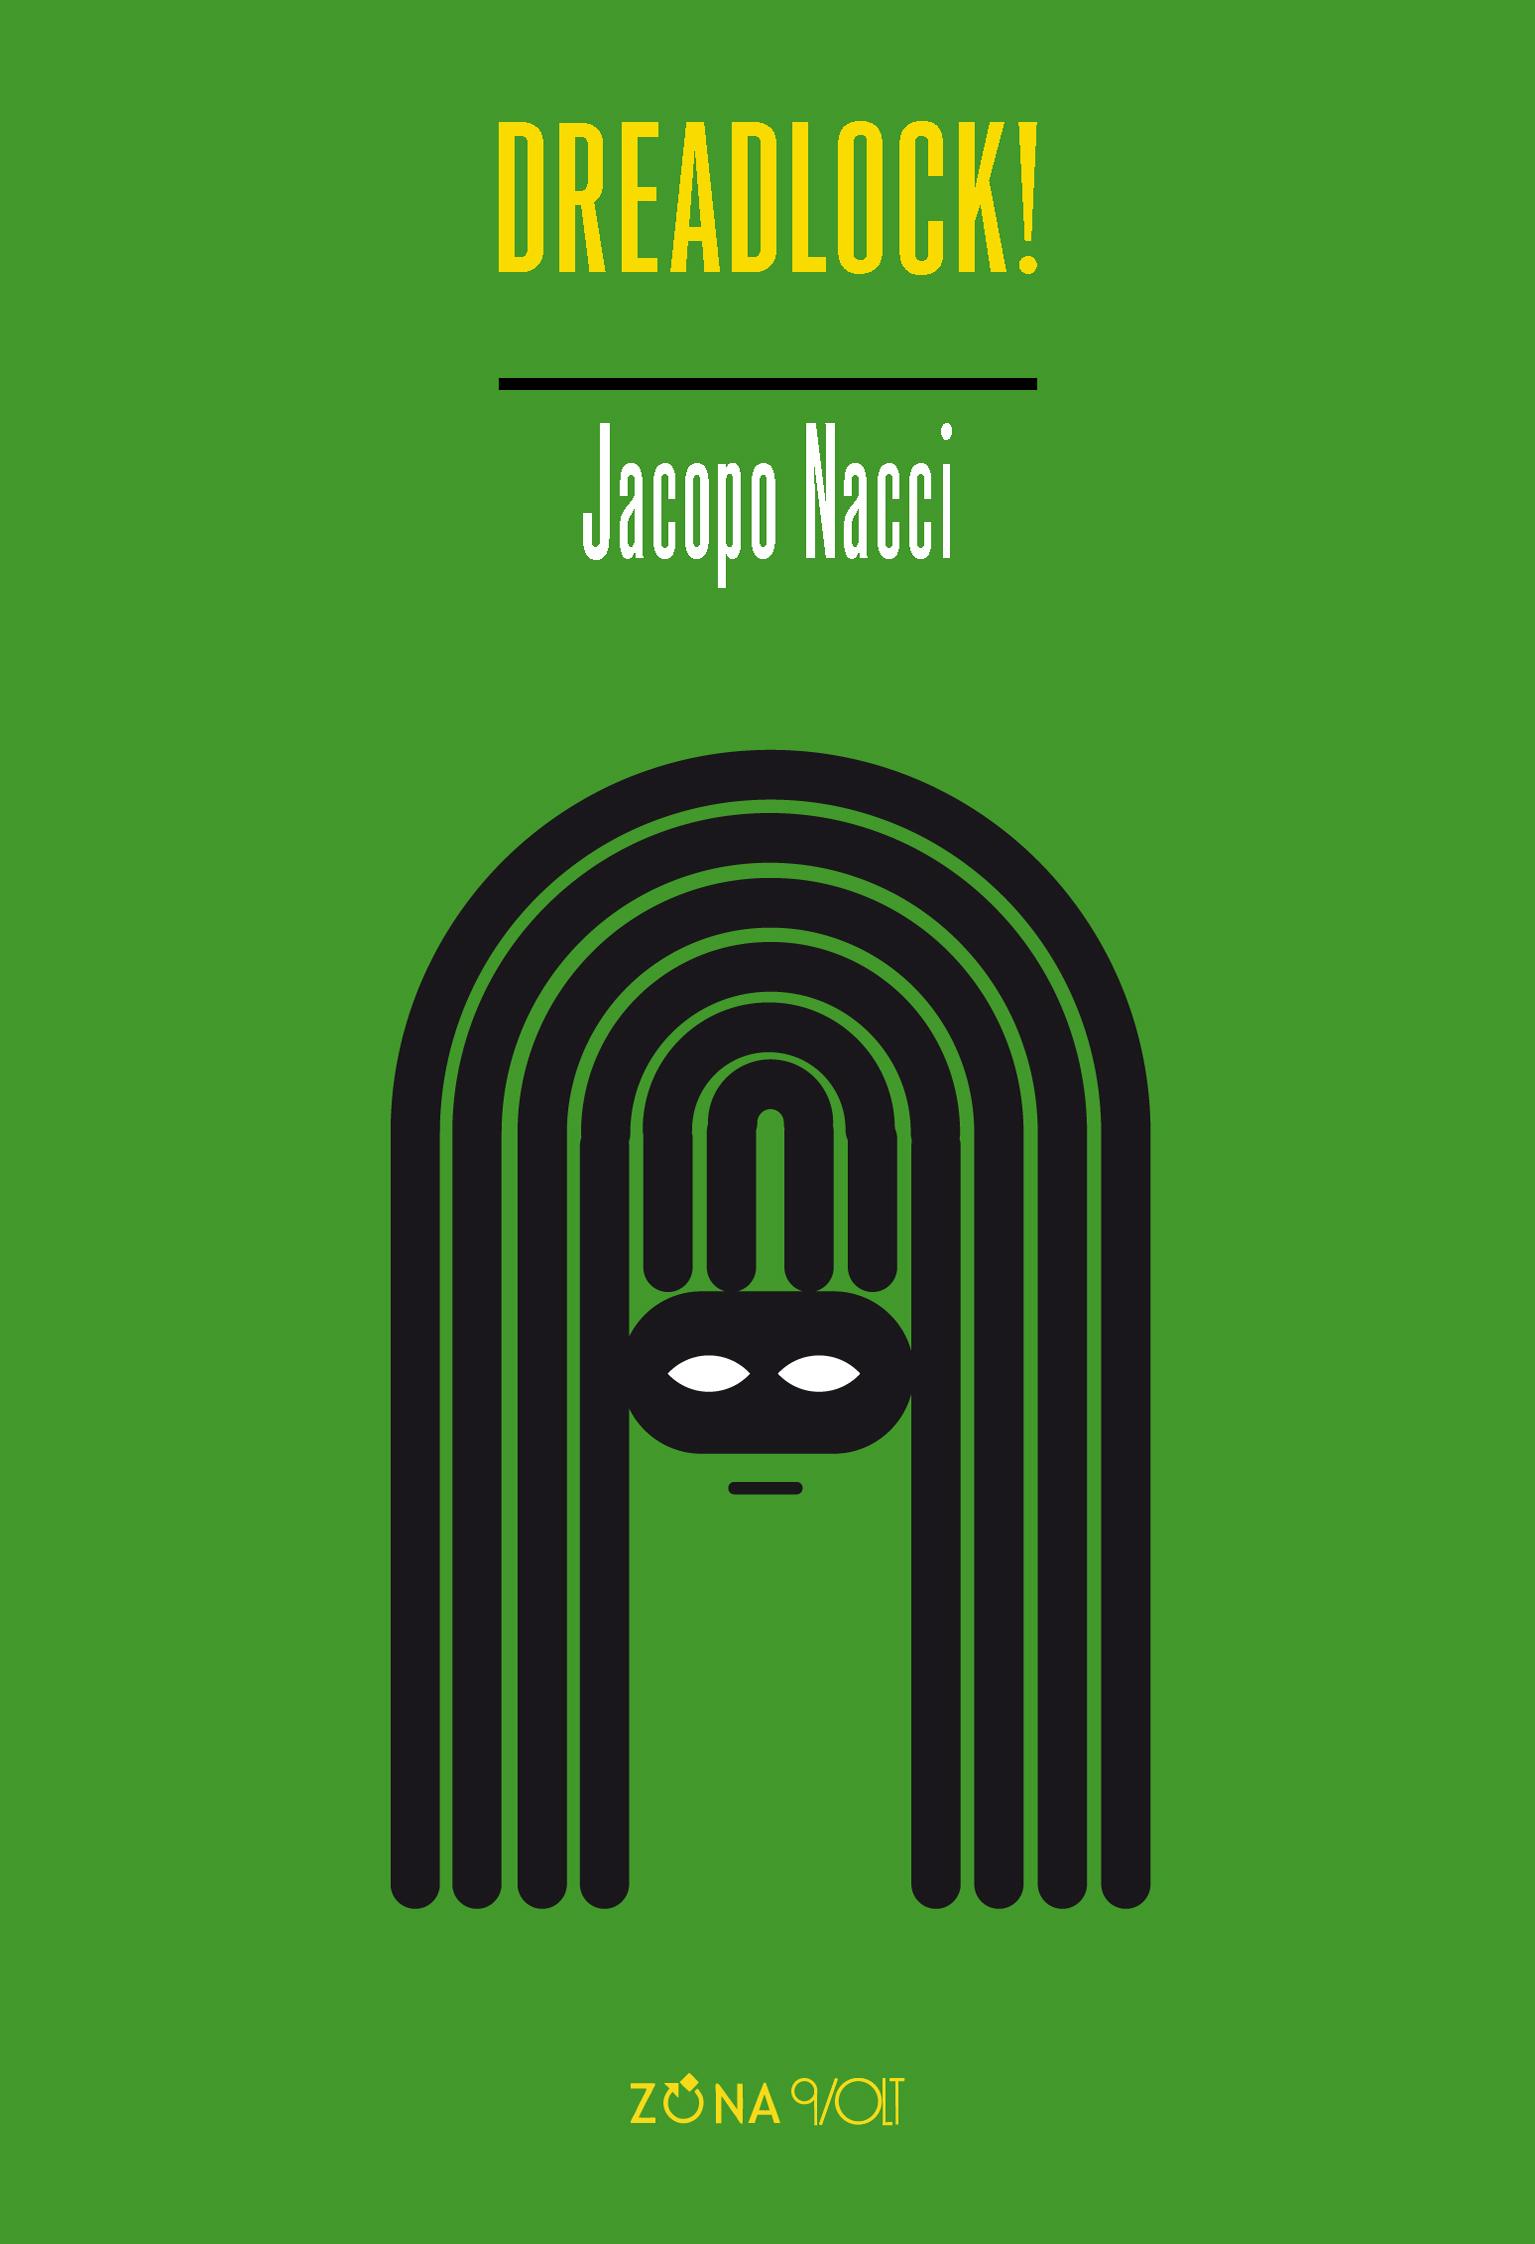 Dreadlock di Jacopo Nacci – copertina